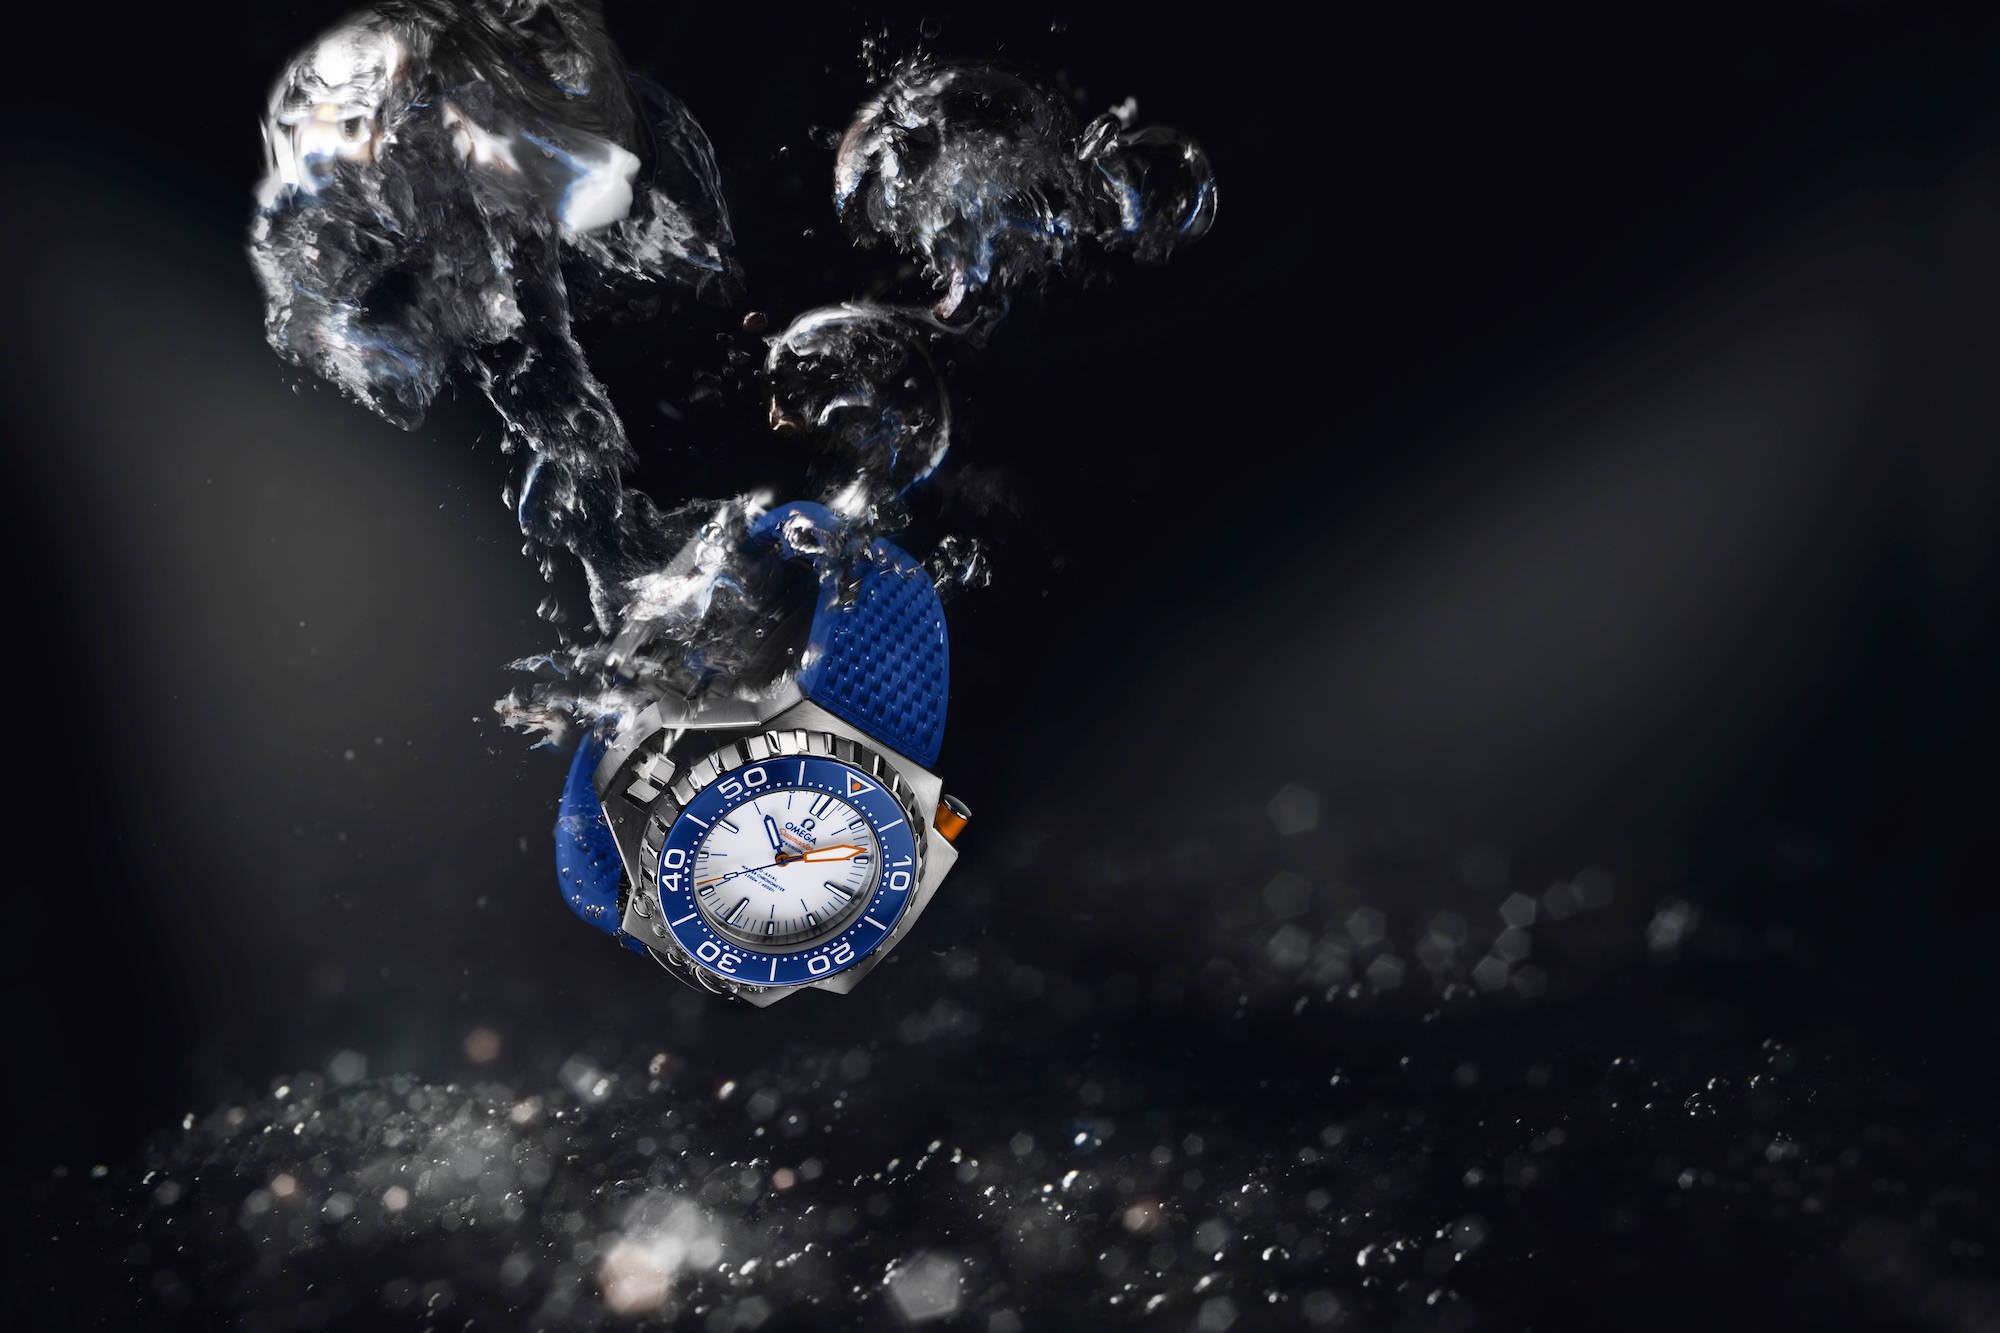 Seamaster Ploprof Titan. Azurblaue und orangene Elemente. Referenz 227.90.55.21.04.001. UVP: 10.400 €